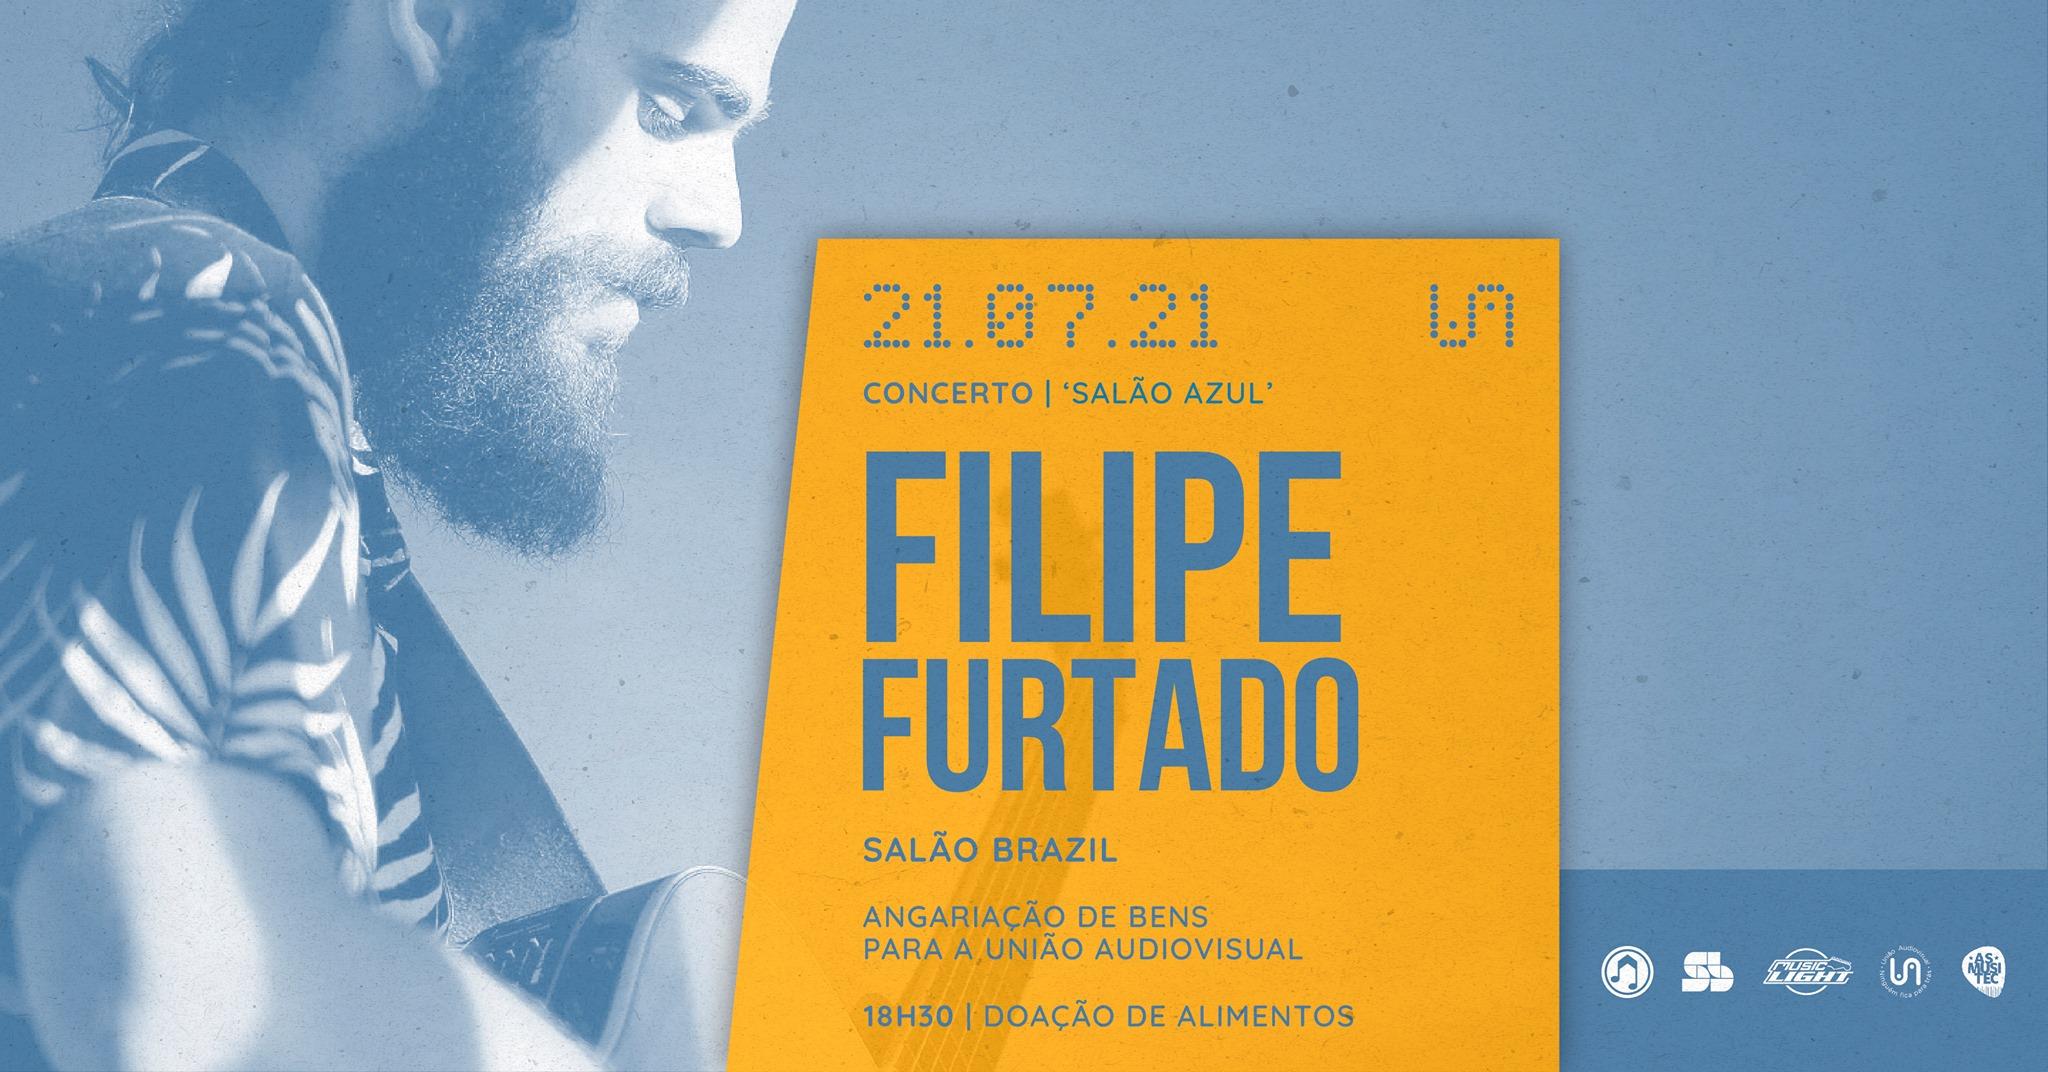 Salão Azul ~ Filipe Furtado